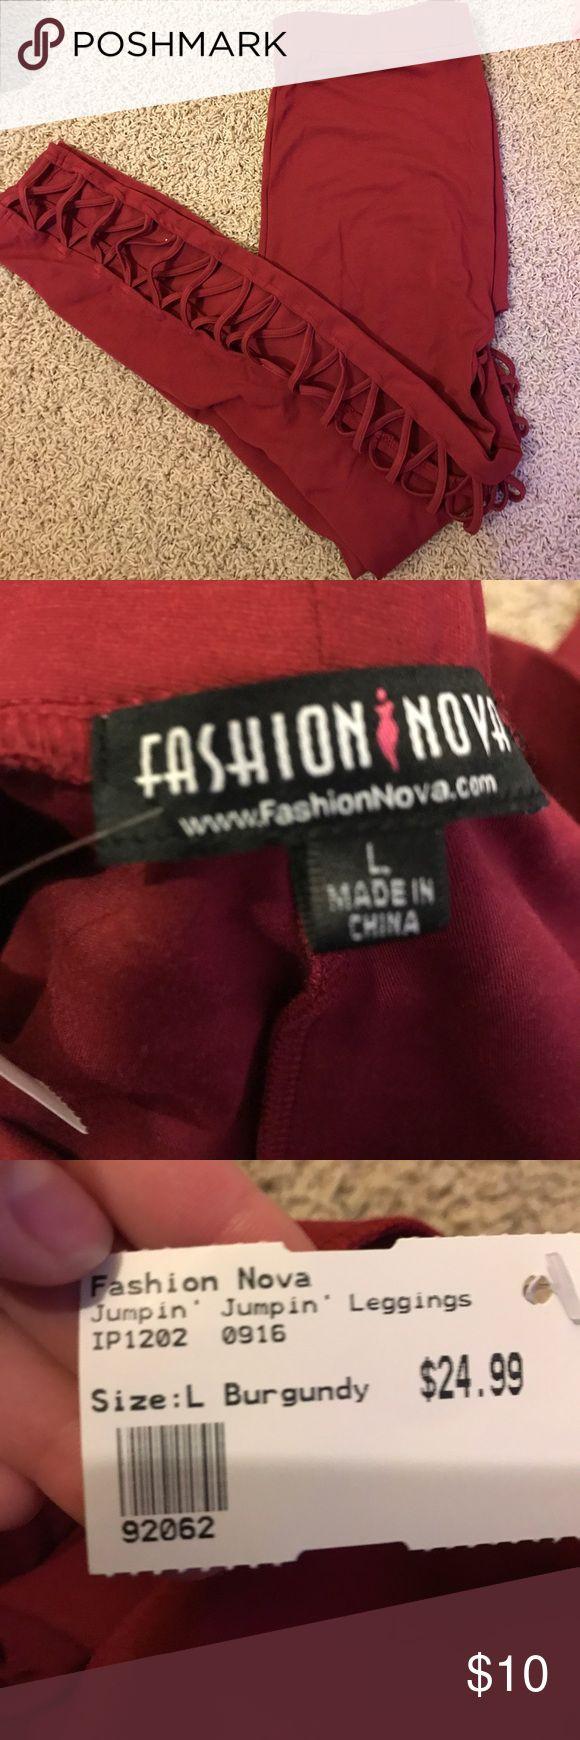 """Fashion Nova Leggings Fashion Nova """"Jumpin' Jumpin' Leggings"""". burgundy color. NWT!! please make offers:) Fashion Nova Pants Leggings"""